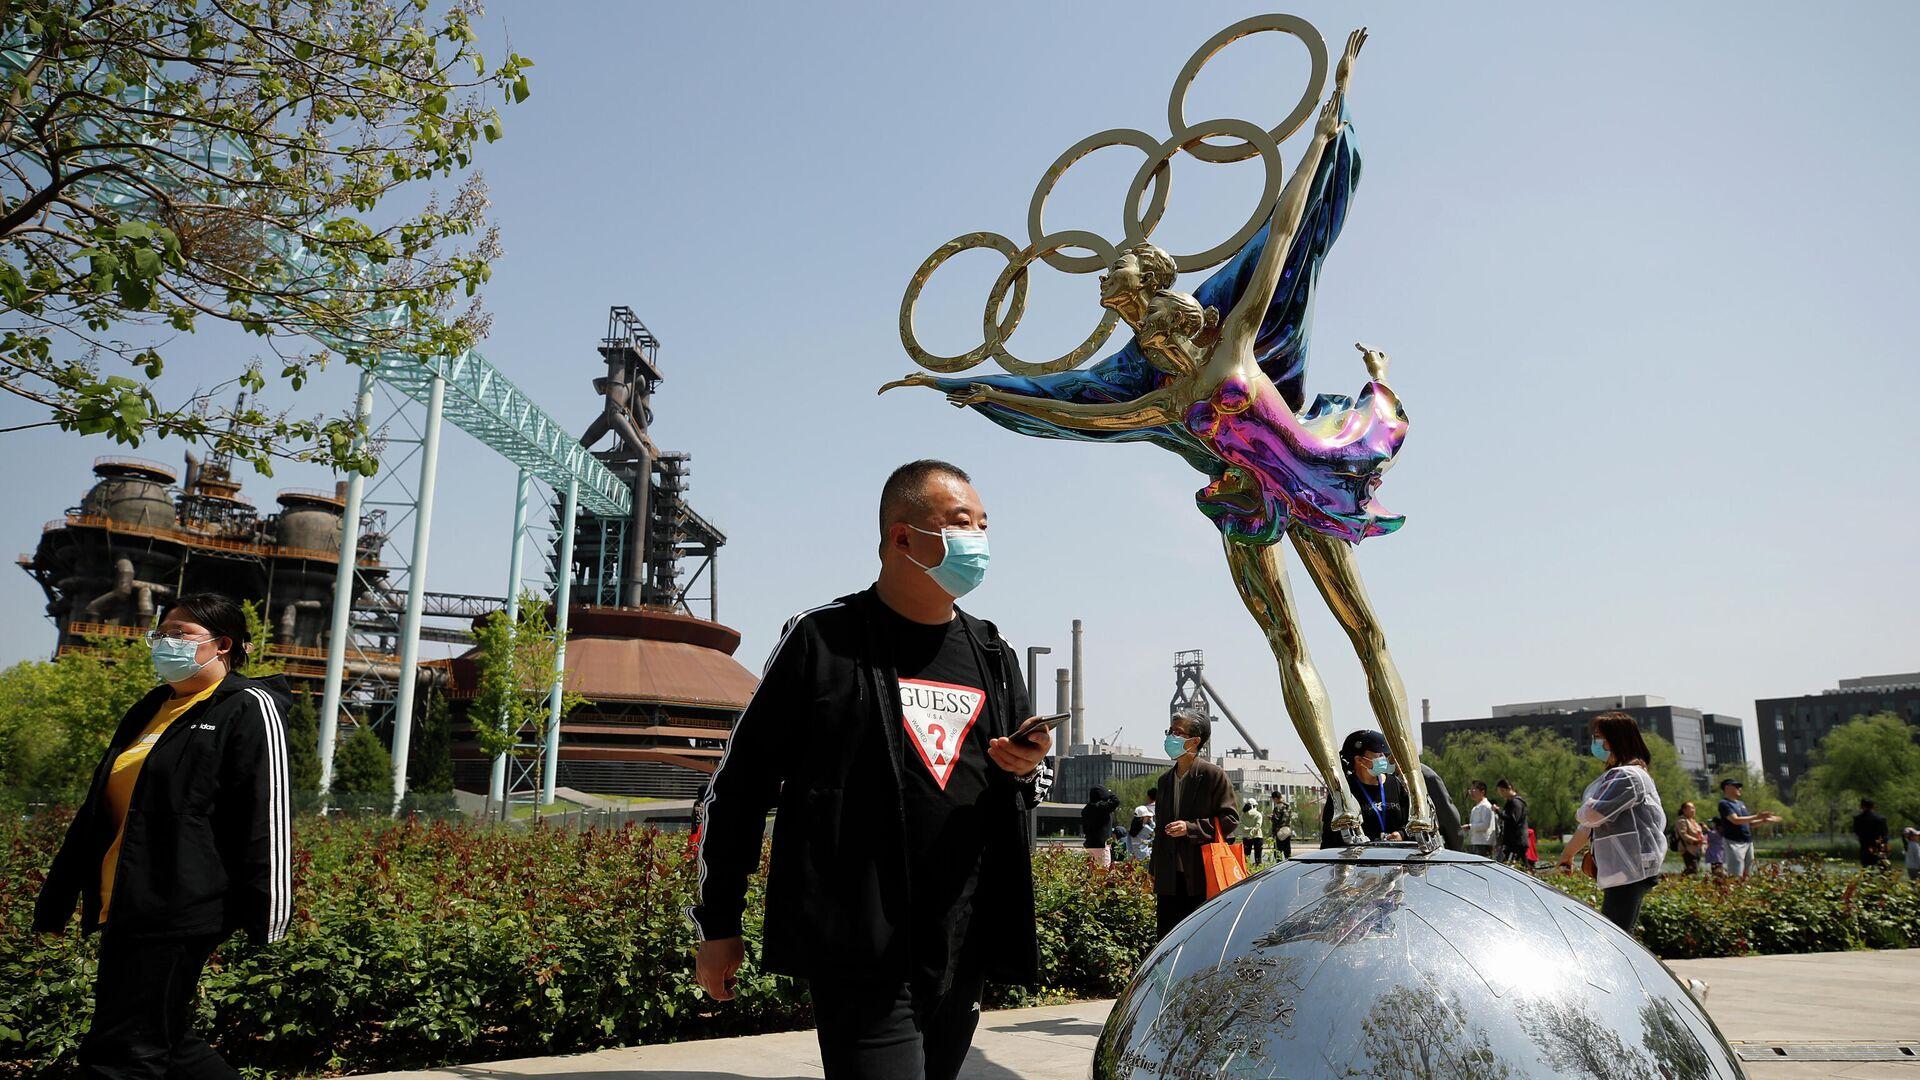 Посетители в защитных масках в парке Шуганг в Пекине - РИА Новости, 1920, 19.07.2021